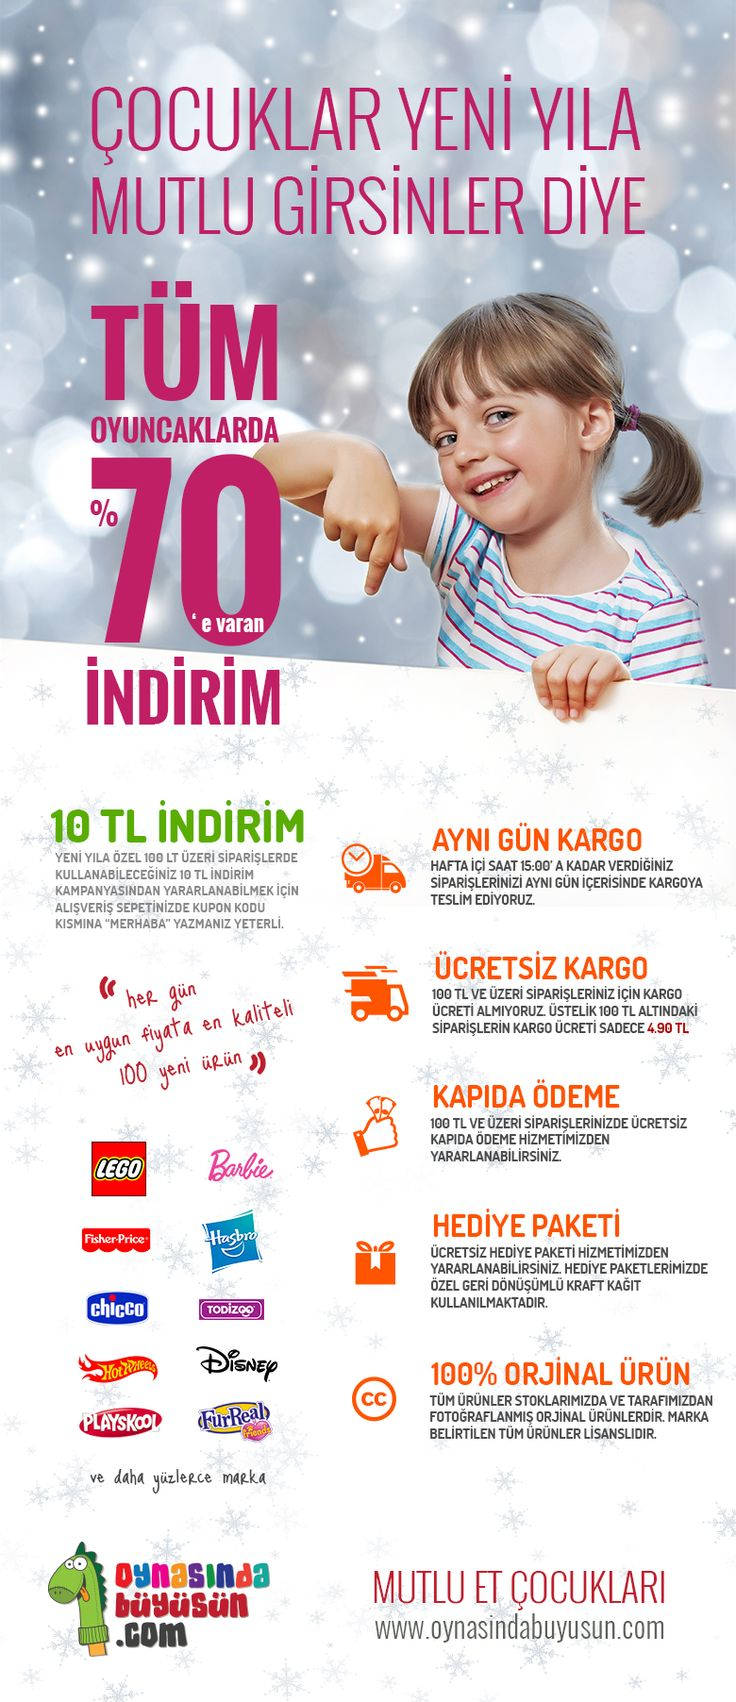 Çocuklar Yeni Yıla Mutlu Girsinler Diye Tüm Oyuncaklarda % 70 ' e varan İNDİRİM www.oynasindabuyusun.com